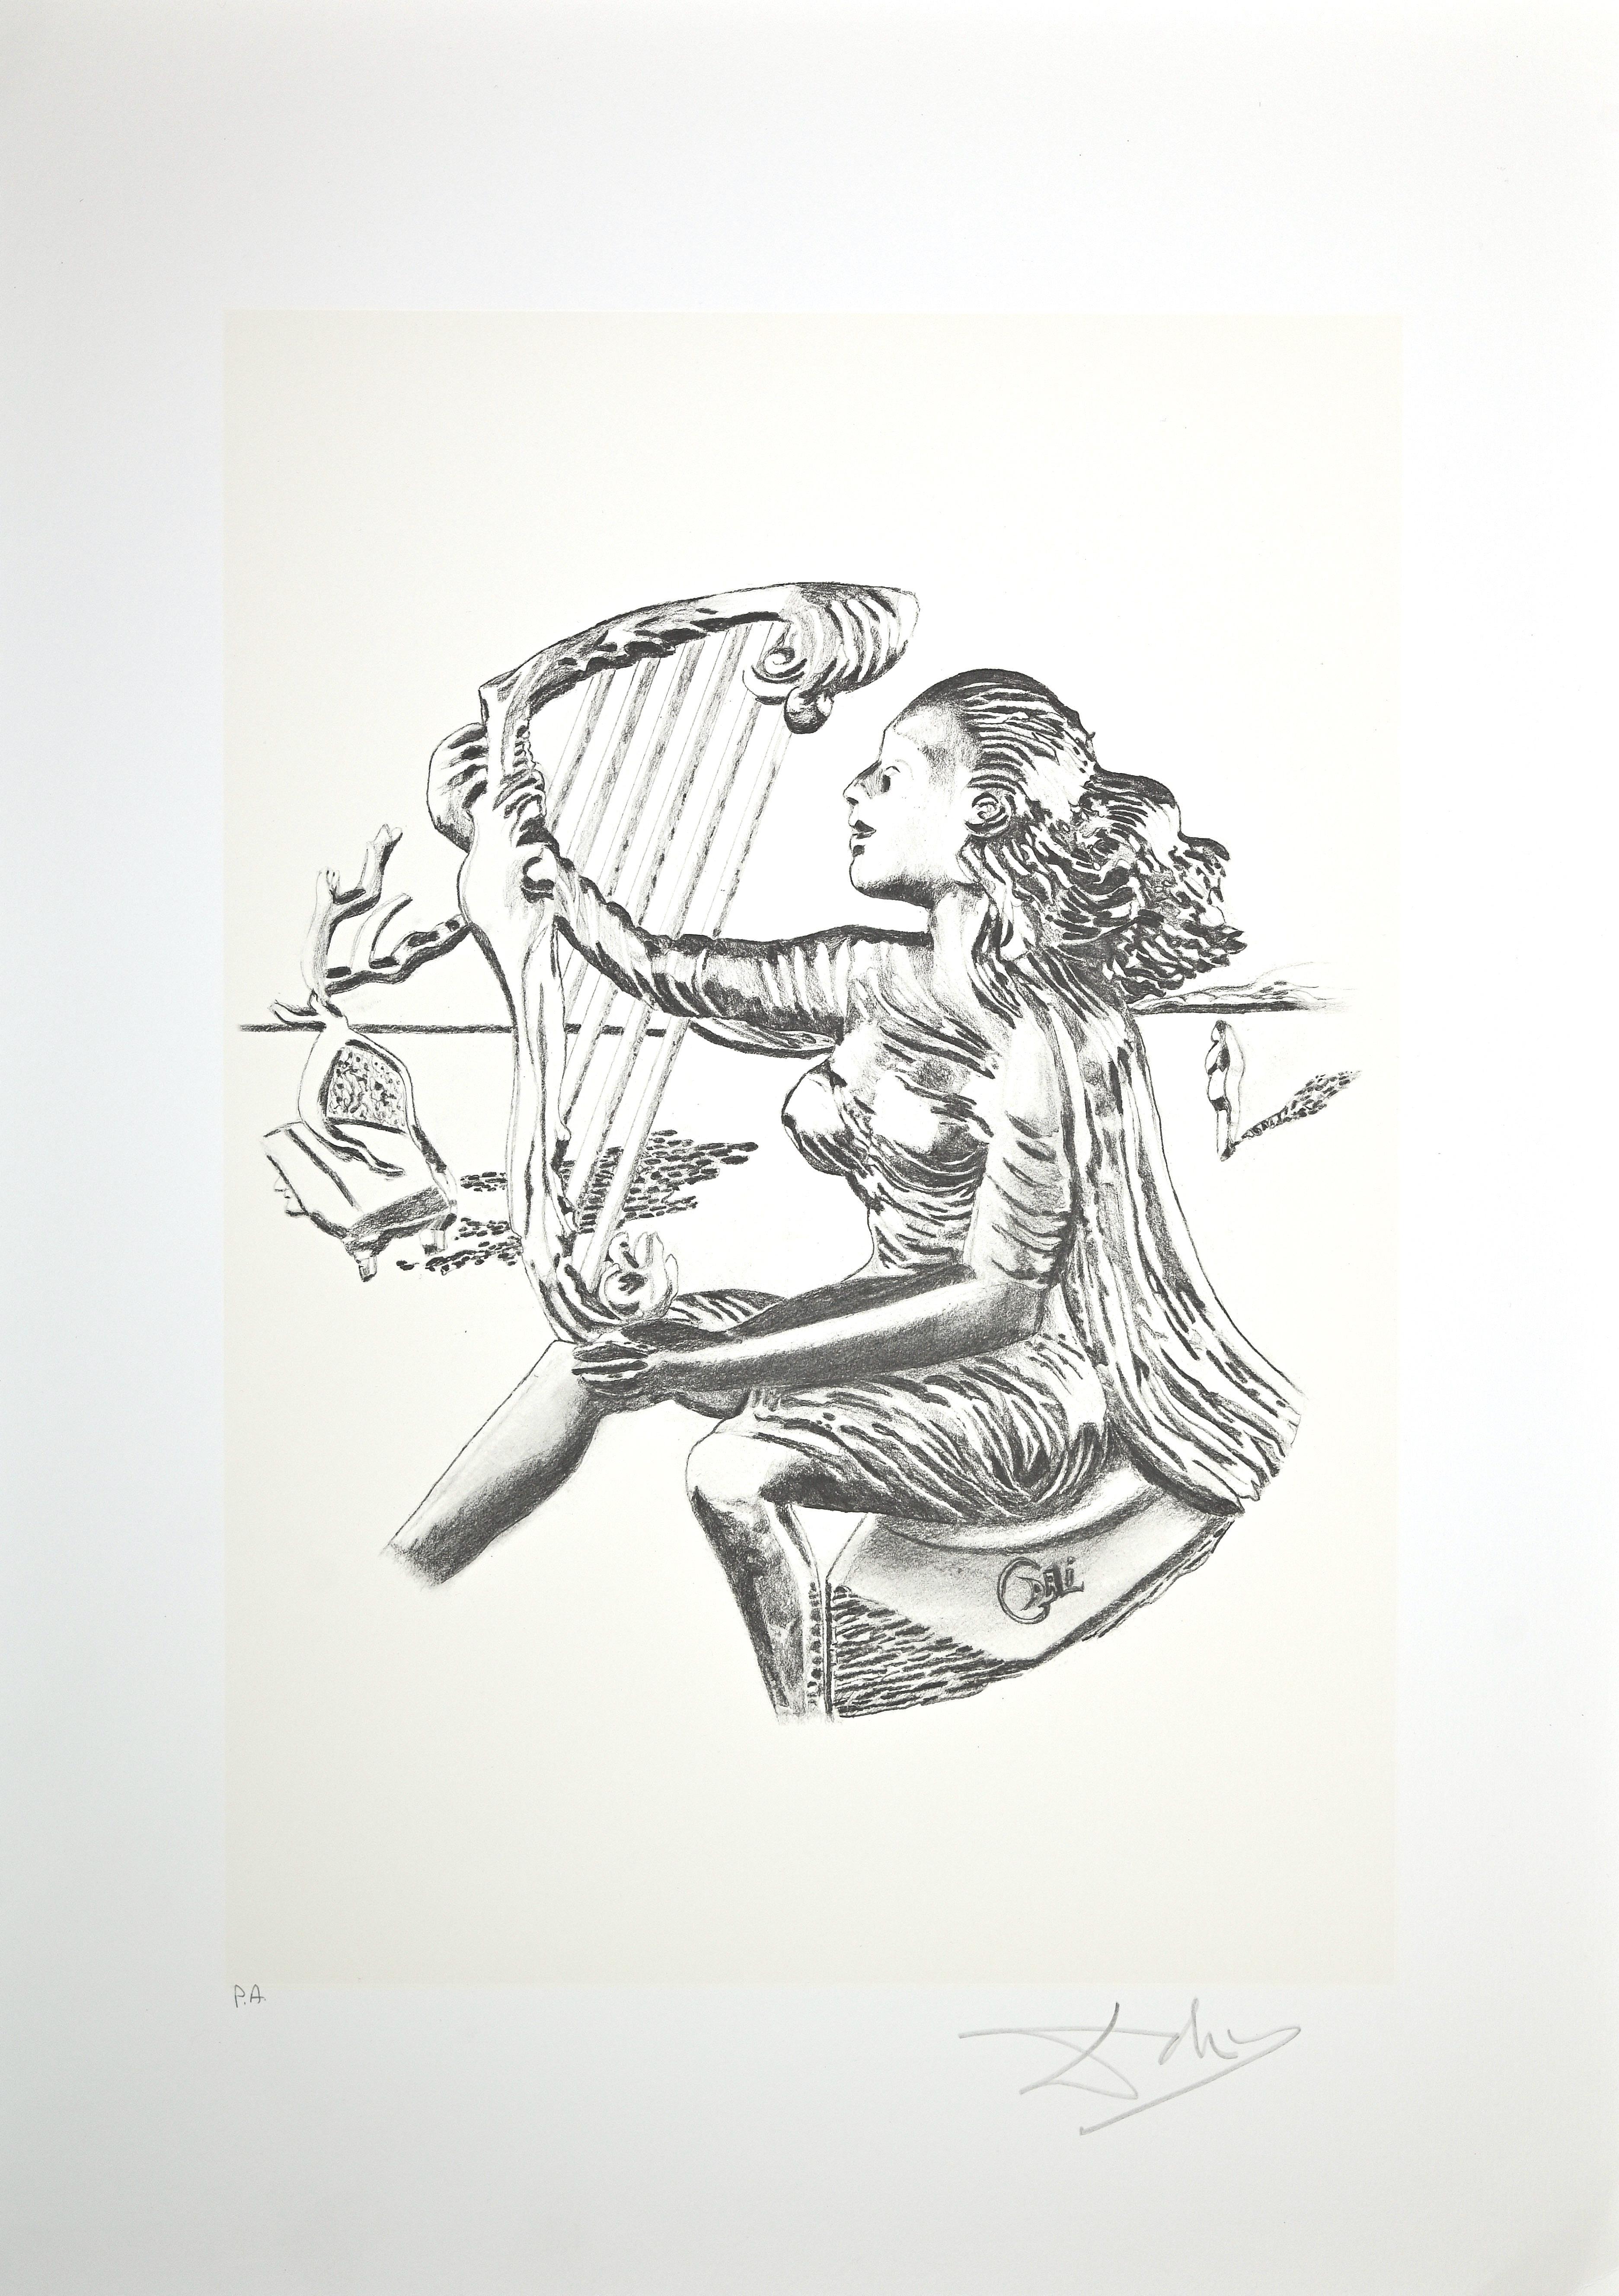 The Music - Original Lithograph by Salvador Dalì - 1980